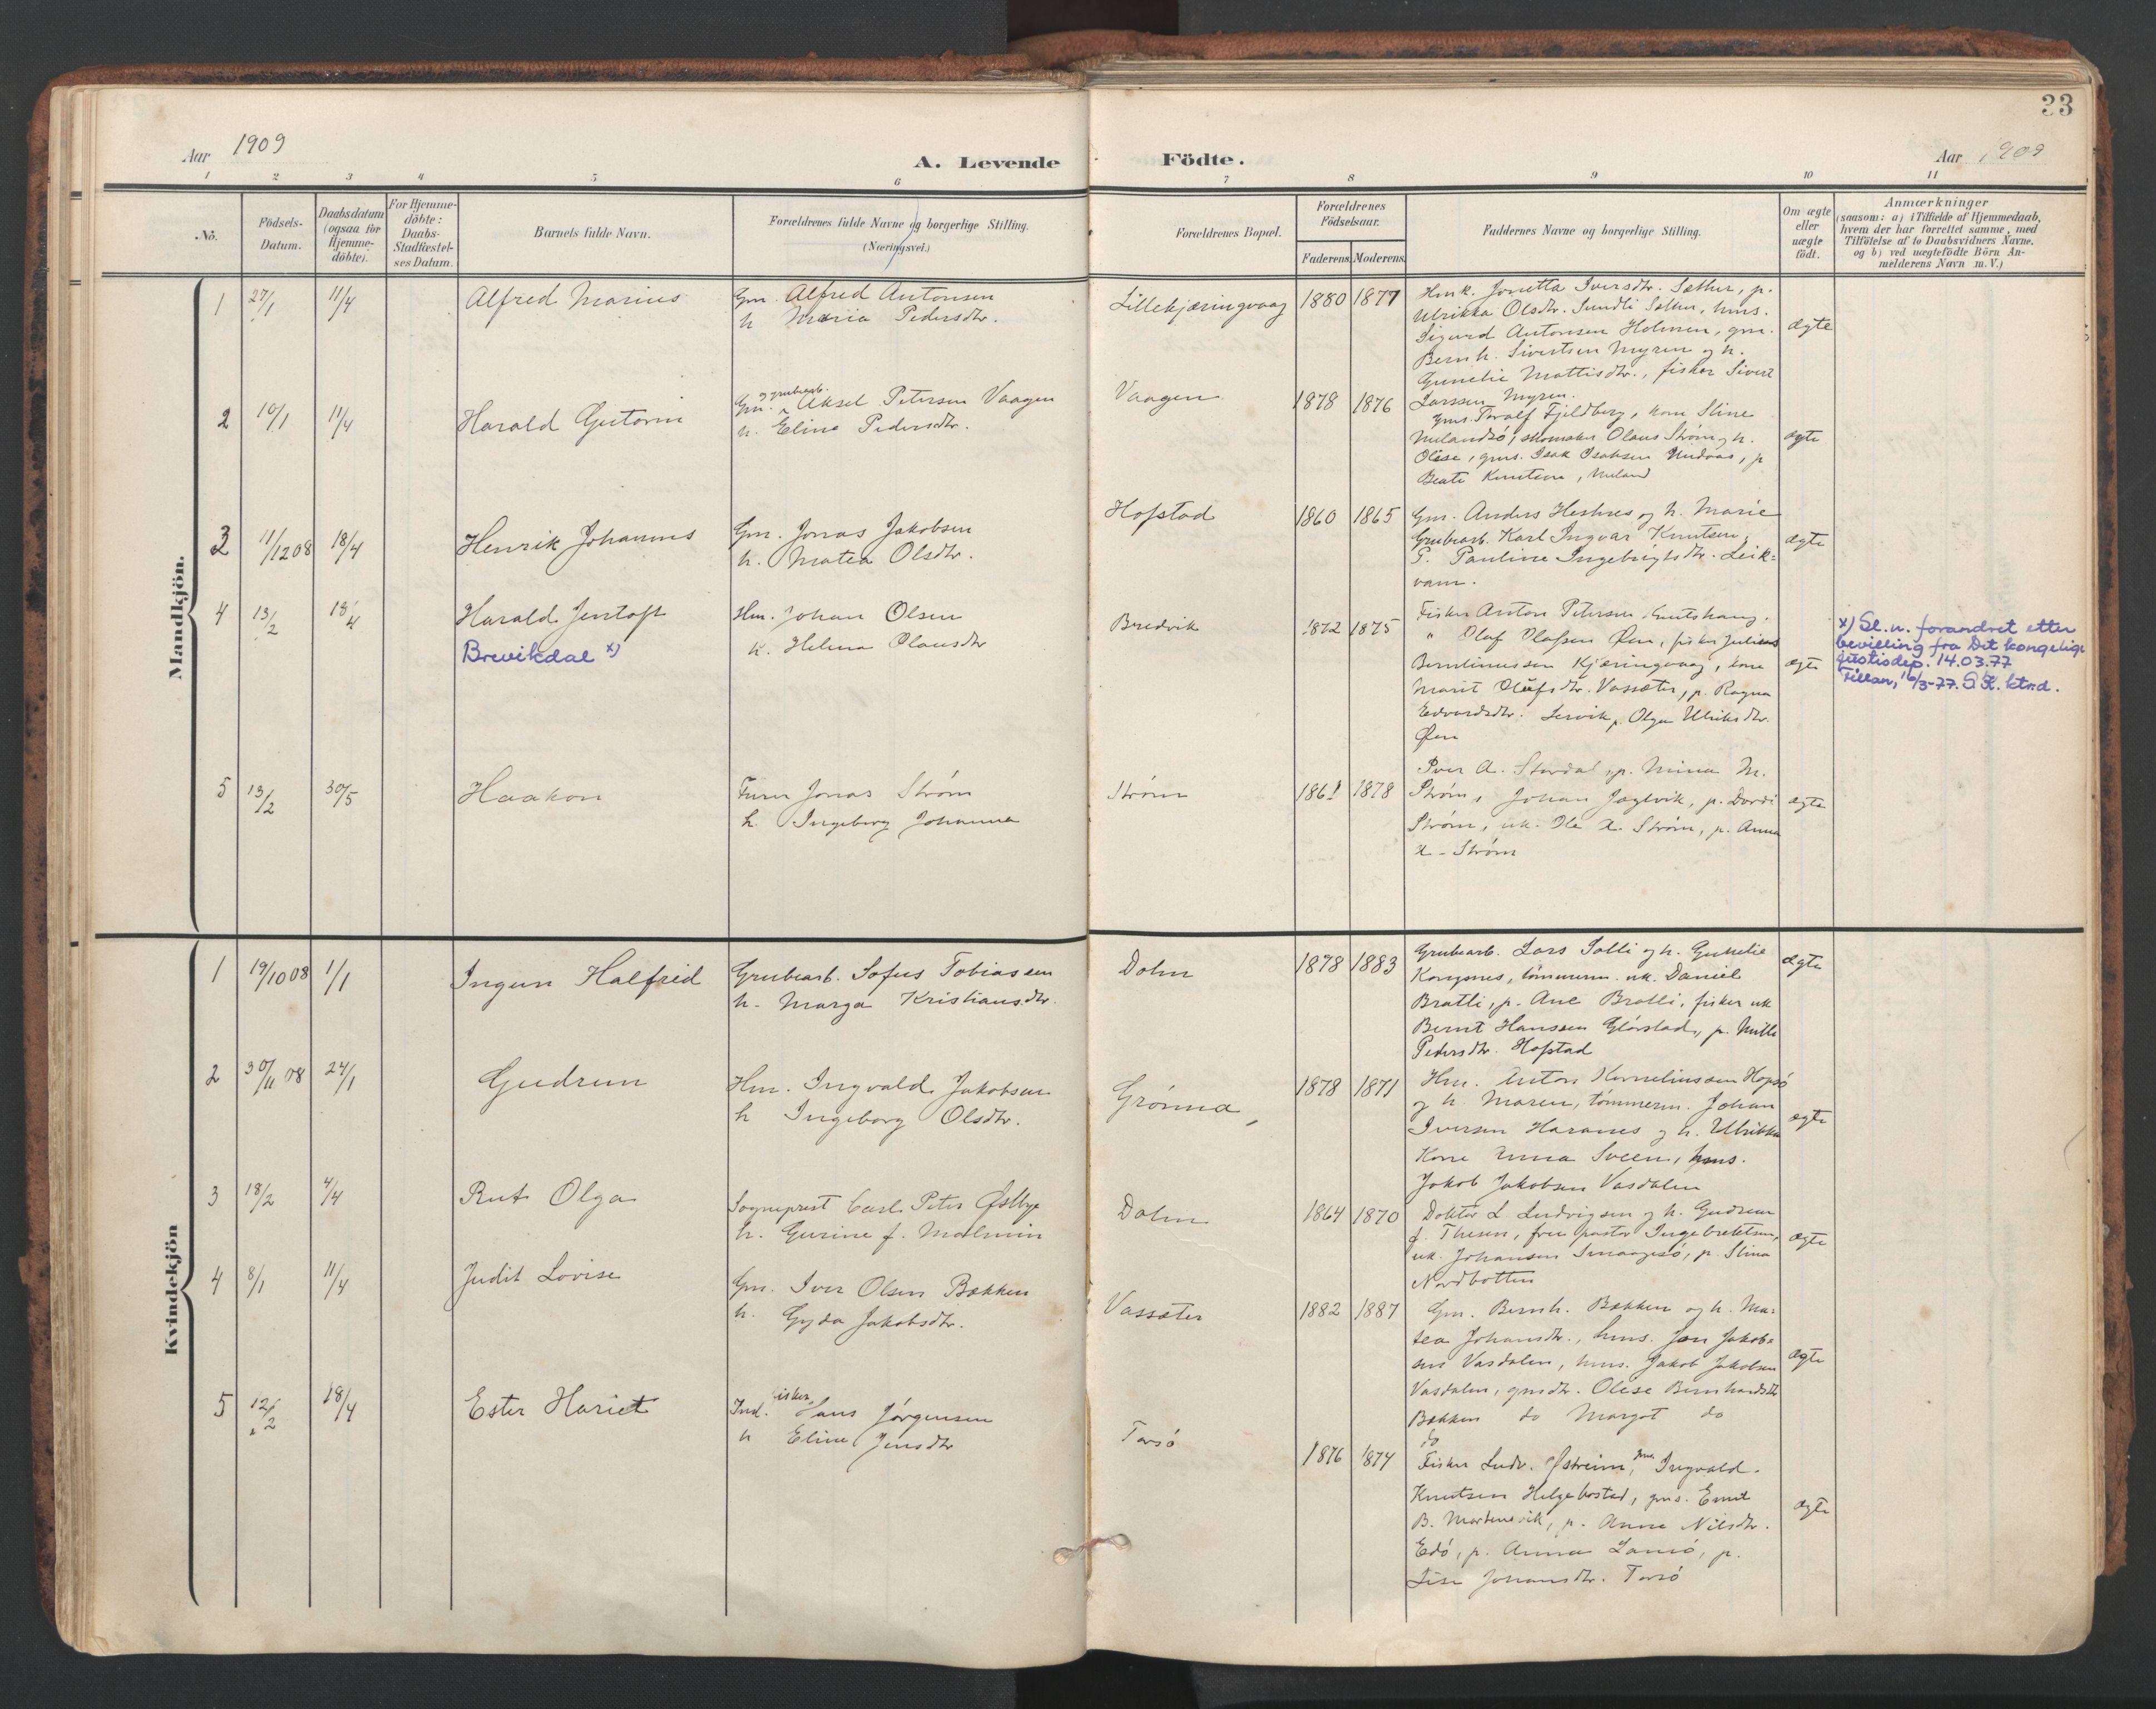 SAT, Ministerialprotokoller, klokkerbøker og fødselsregistre - Sør-Trøndelag, 634/L0537: Ministerialbok nr. 634A13, 1896-1922, s. 33